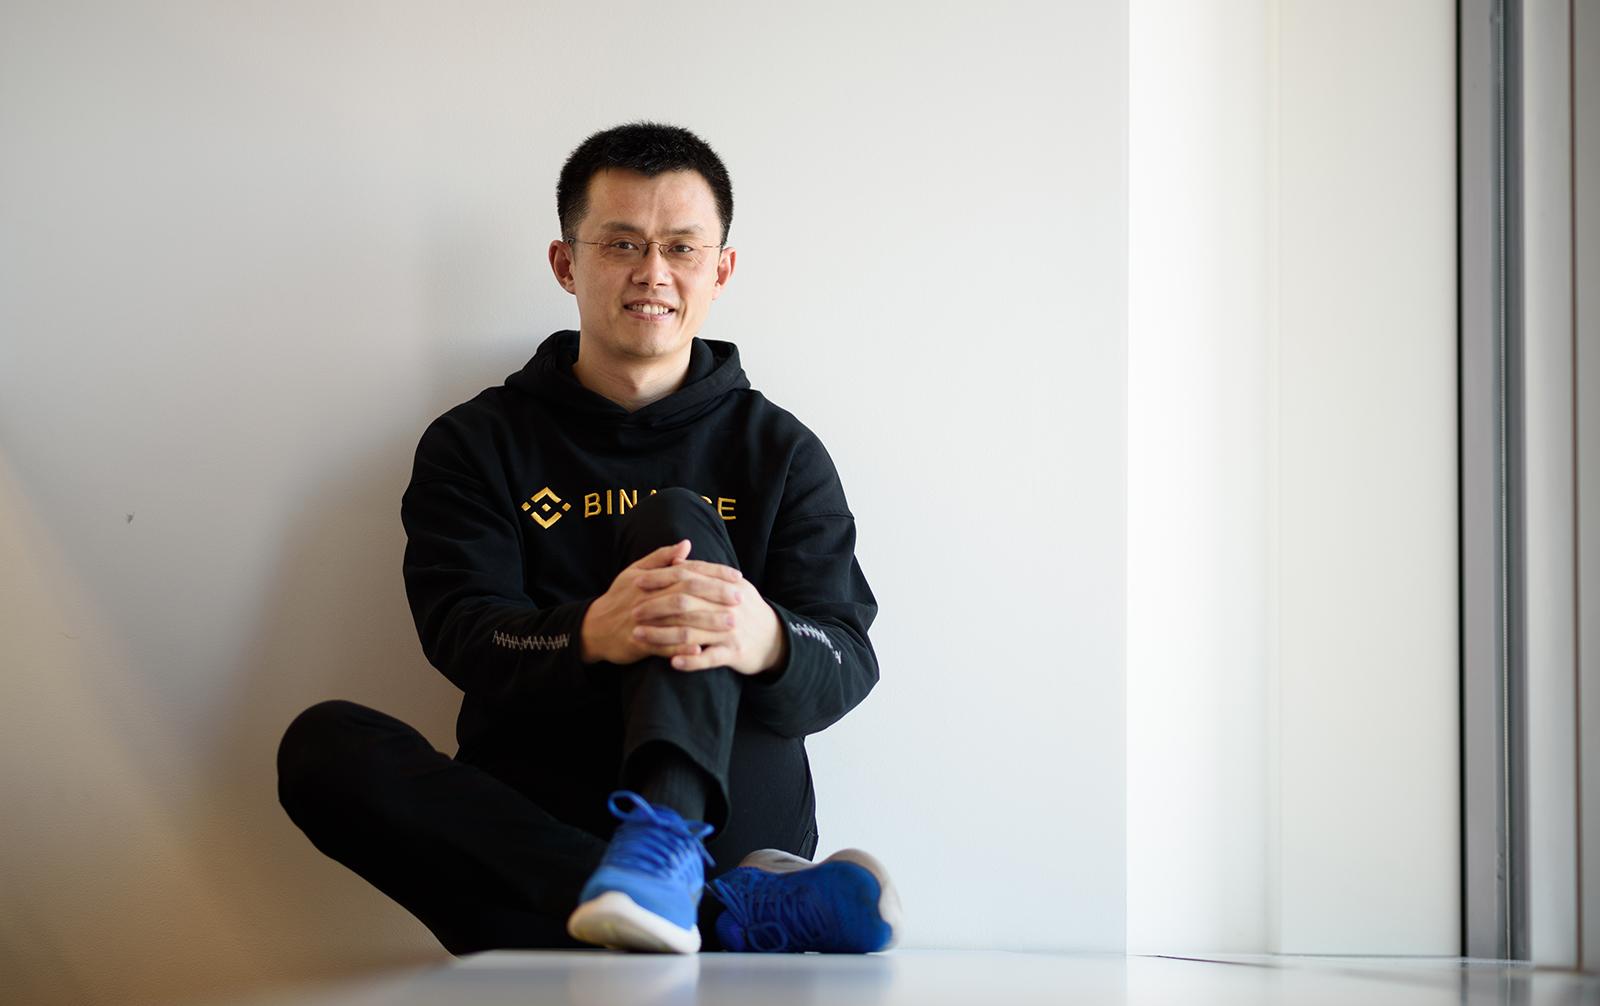 Друзья драконов: на каких китайских миллиардеров стоит делать ставку